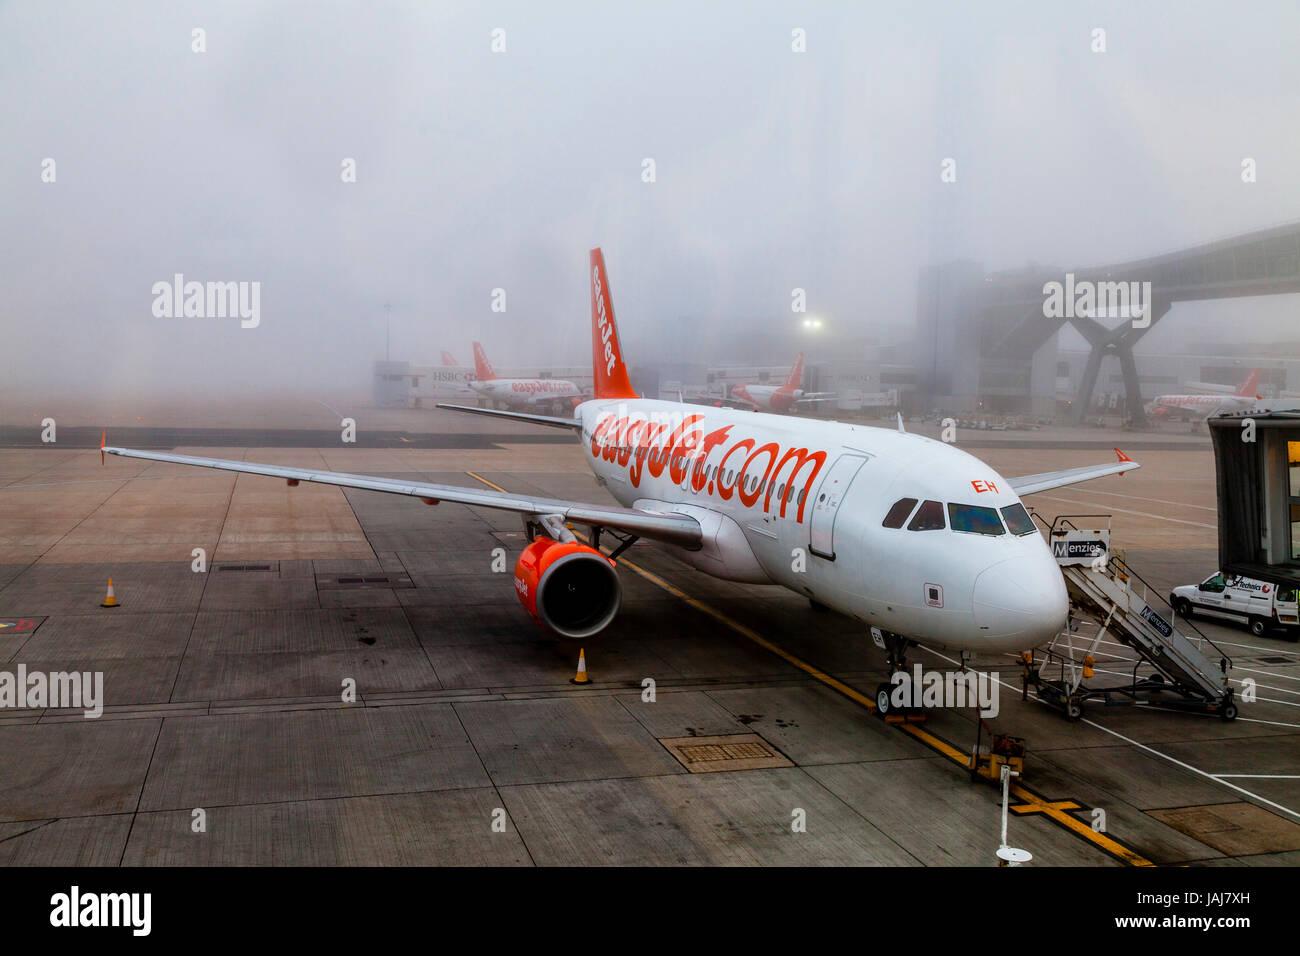 Ein Easy Jet-Flugzeug auf dem Boden im Nebel an London Gatwick Flughafen, West Sussex, UK Stockbild